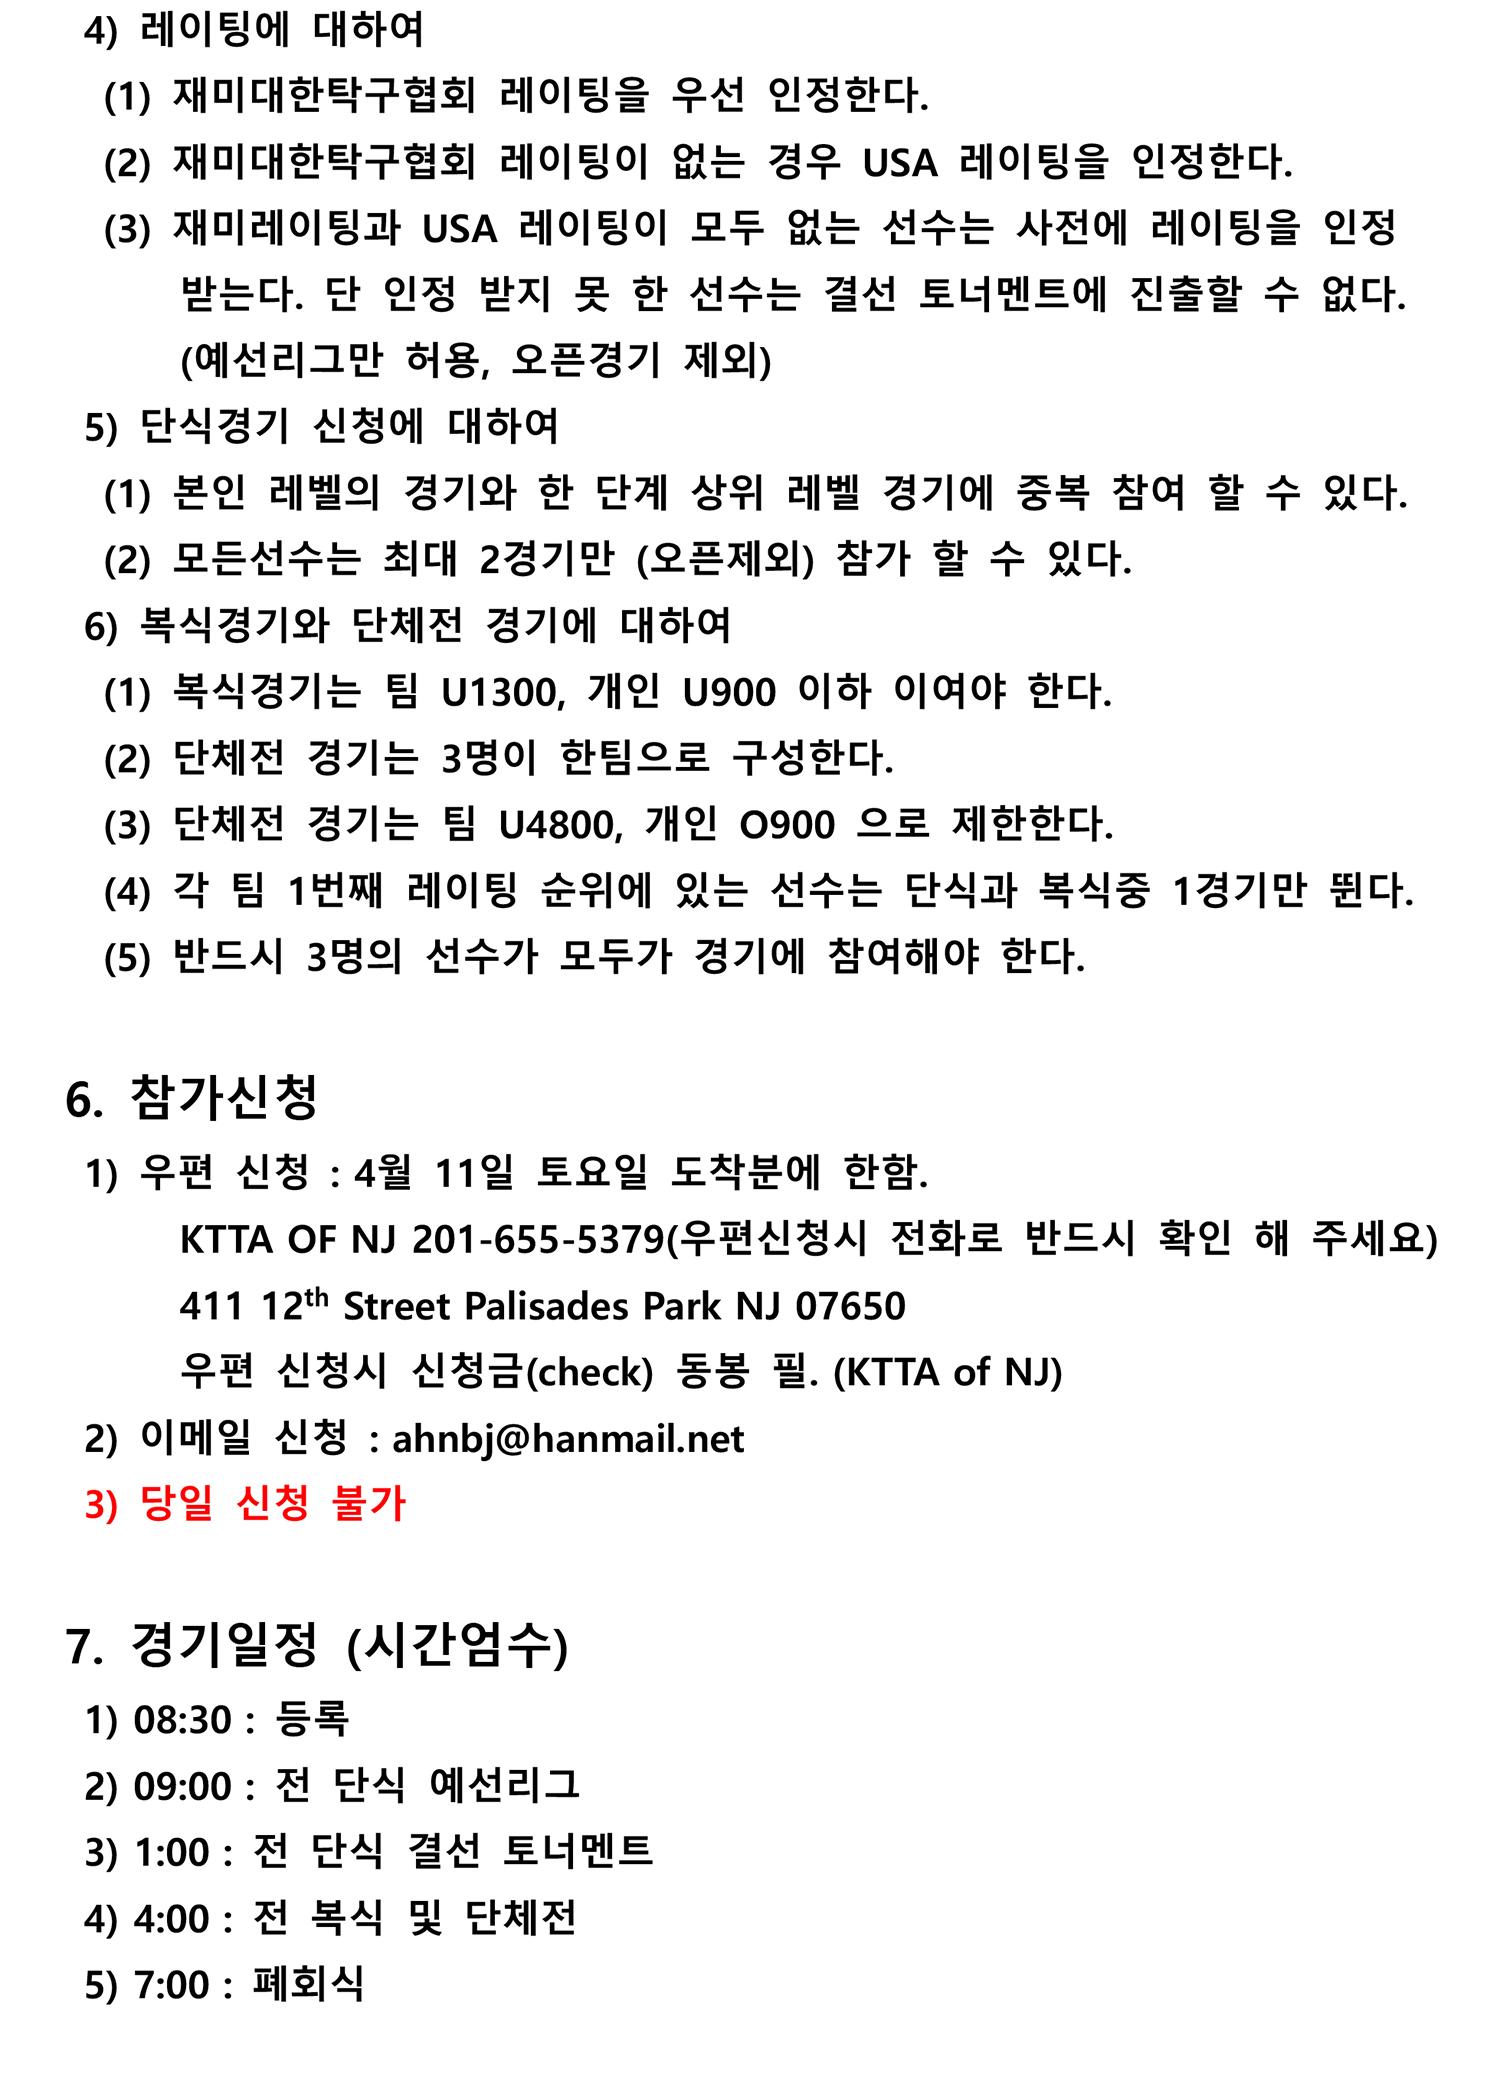 제9회 탁구대잔치 요강-2.jpg